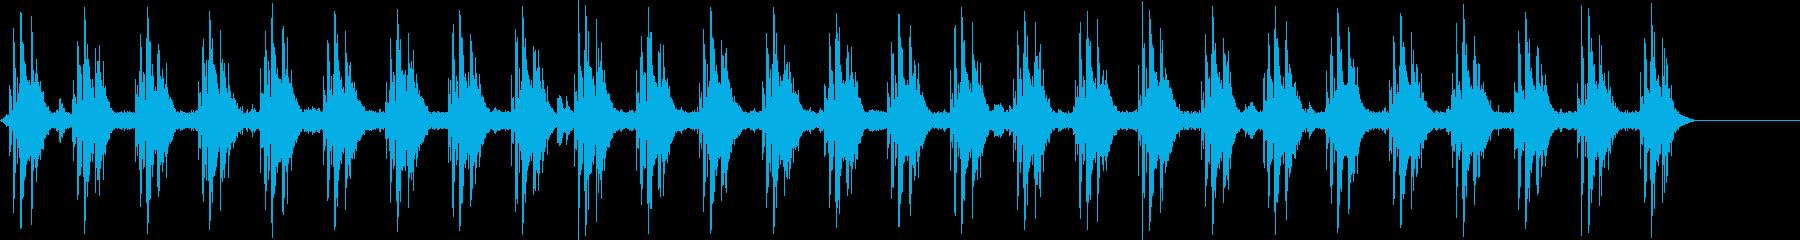 空気抜きによるパンチプレスの遅い影響。の再生済みの波形